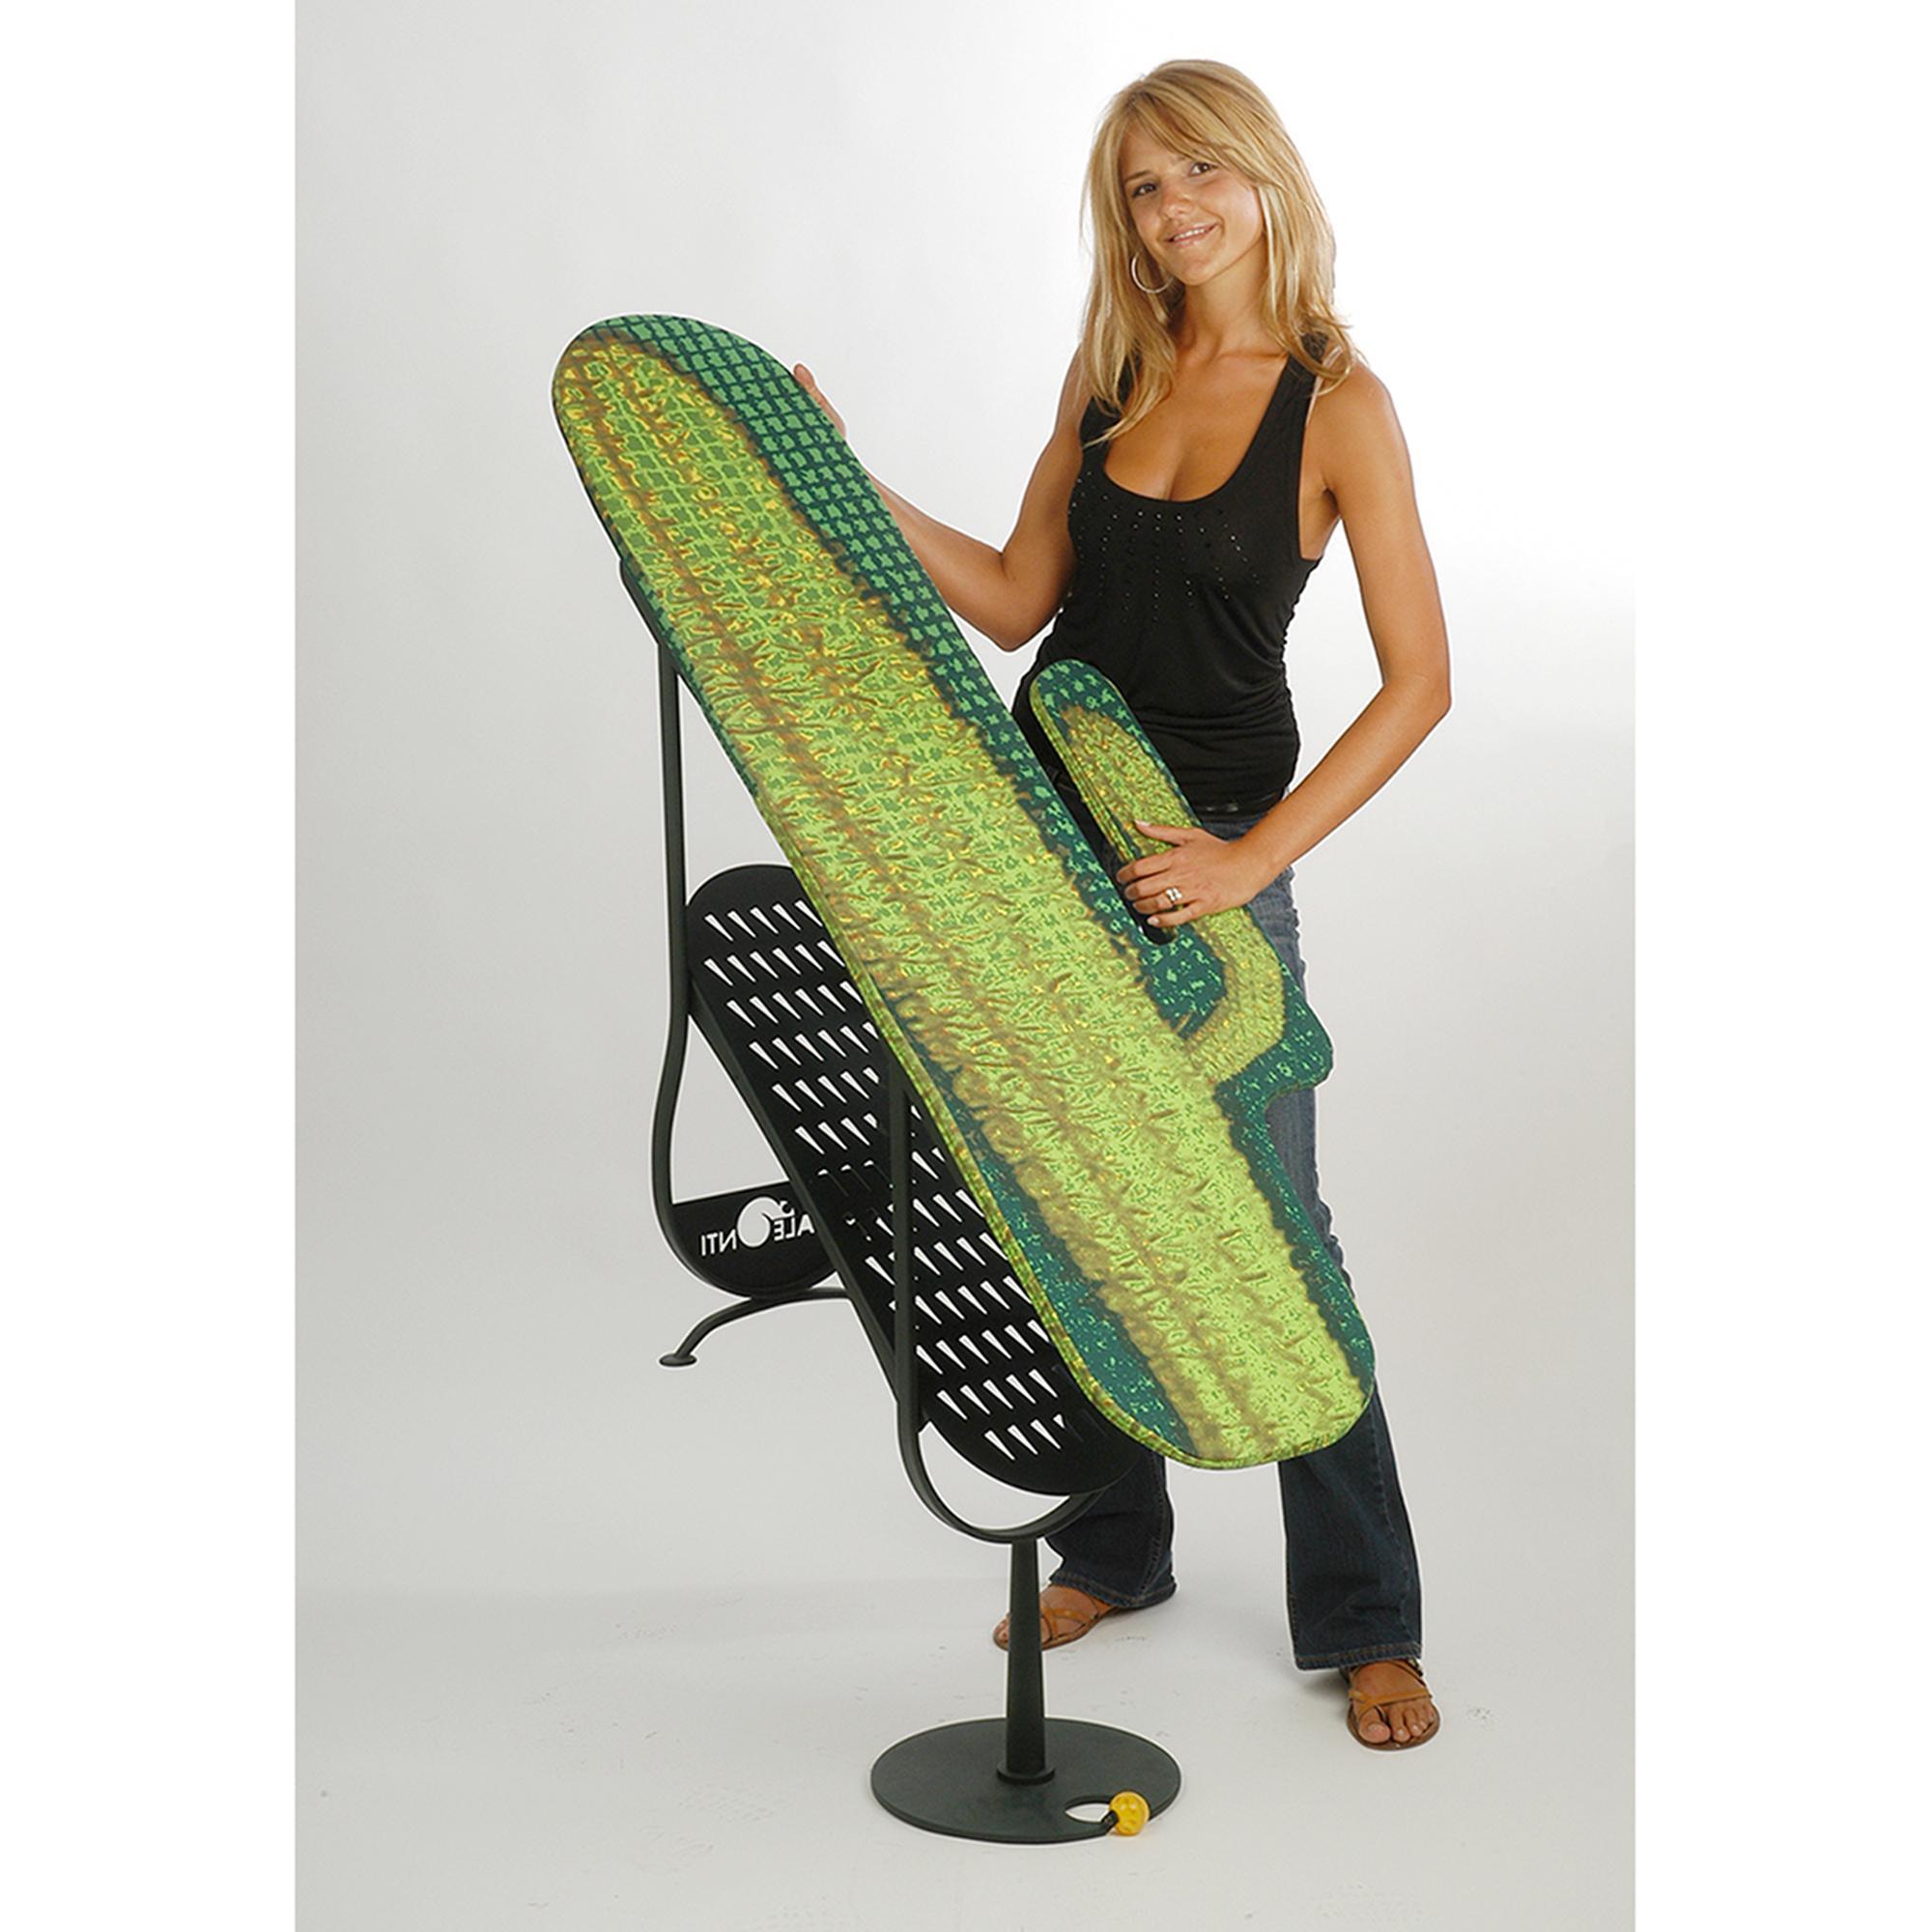 Asse da stiro a forma di cactus richiudibile con stiramaniche integrato verde palmar - Asse da stiro da parete ...